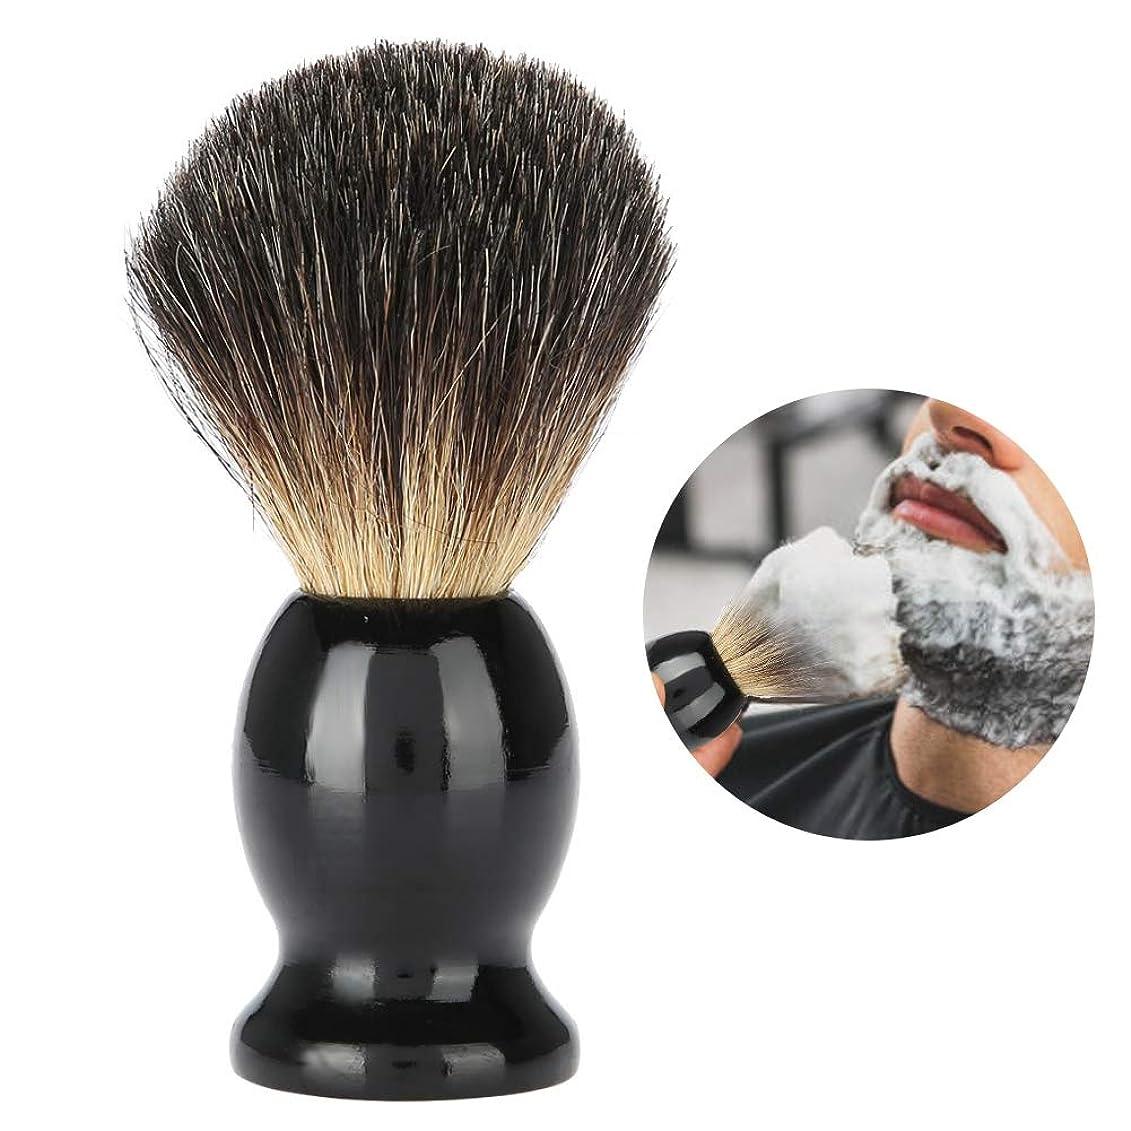 リフレッシュ画像退院Yuyteポータブル男性ウッドハンドル髭剃りブラシ理髪店サロンツール